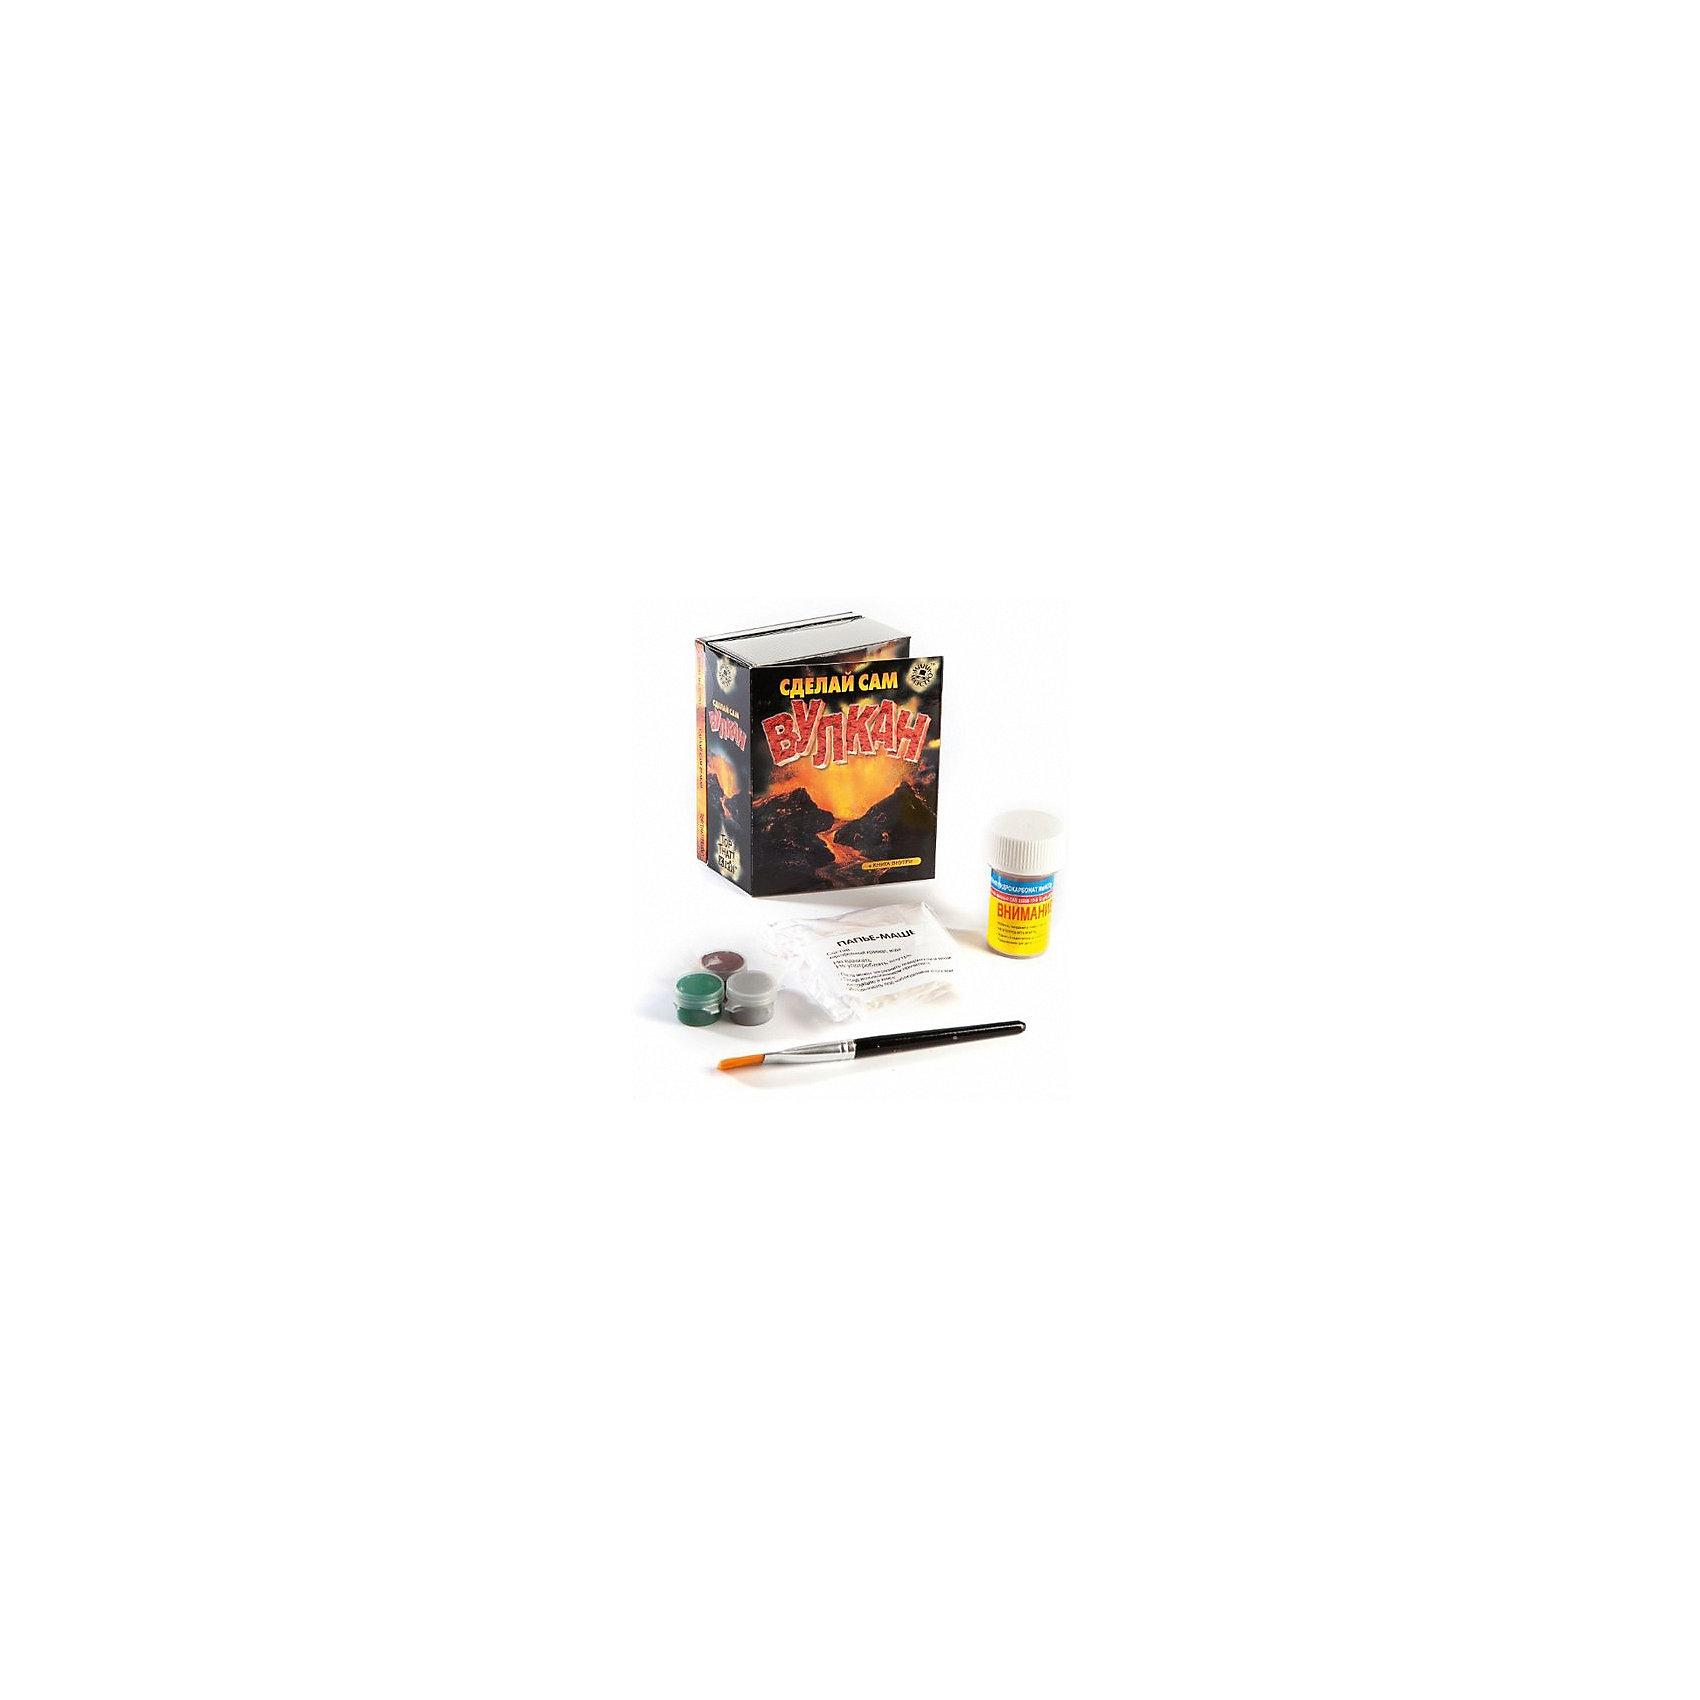 Набор Сделай сам вулканМини-маэстро «Сделай сам вулкан» - в этом наборе ты найдешь много интересных фактов о вулканах и даже сможешь устроить извержение своего собственного вулкана! В книге ты найдешь подробное руководство с иллюстрациями.<br>Дополнительная информация:<br>В набор входит:<br>- Книга с инструкциями 48 стр., цв. илл.,<br>- порошок для папье-маше, <br>- краски, кисточка, <br>- смесь для извержения вулкана.<br>Размер упаковки (д/ш/в): 95 х 52 х 120 мм<br><br>Ширина мм: 95<br>Глубина мм: 52<br>Высота мм: 120<br>Вес г: 300<br>Возраст от месяцев: 72<br>Возраст до месяцев: 144<br>Пол: Мужской<br>Возраст: Детский<br>SKU: 2358217